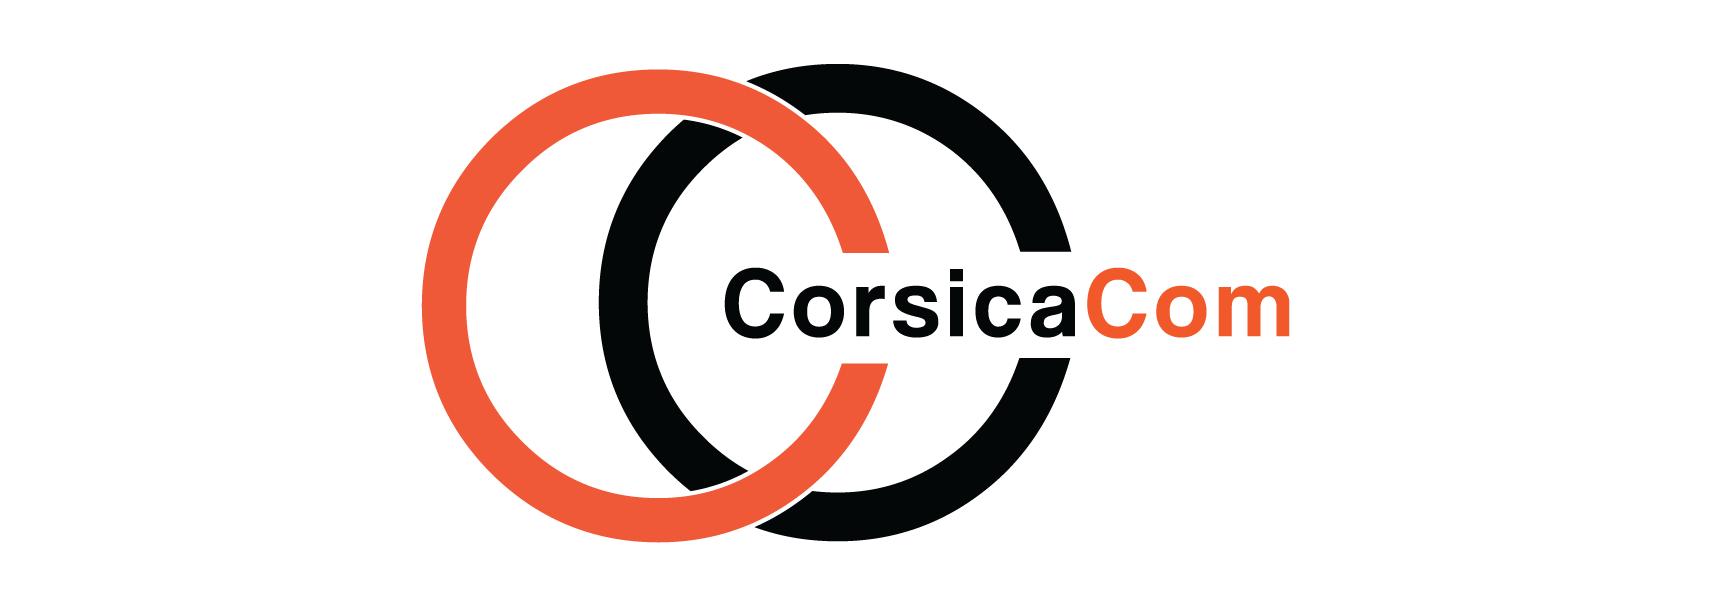 CorsicaCom-Agence média-régie publicitaire-publicité Corse Ajaccio Bastia logo_simple